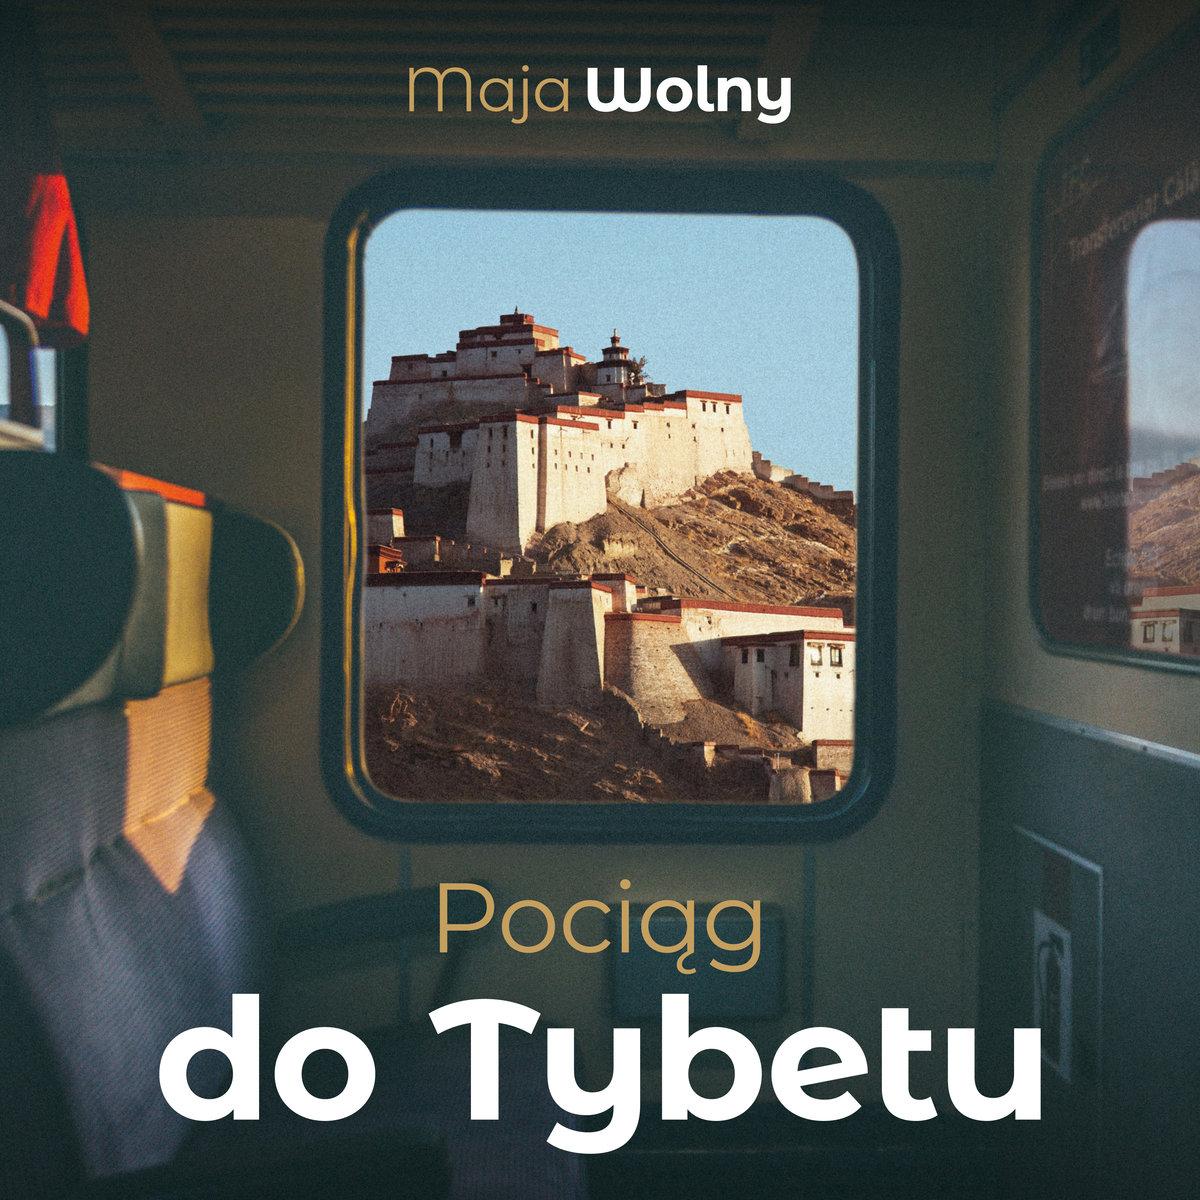 Maja Wolny – Pociąg do Tybetu